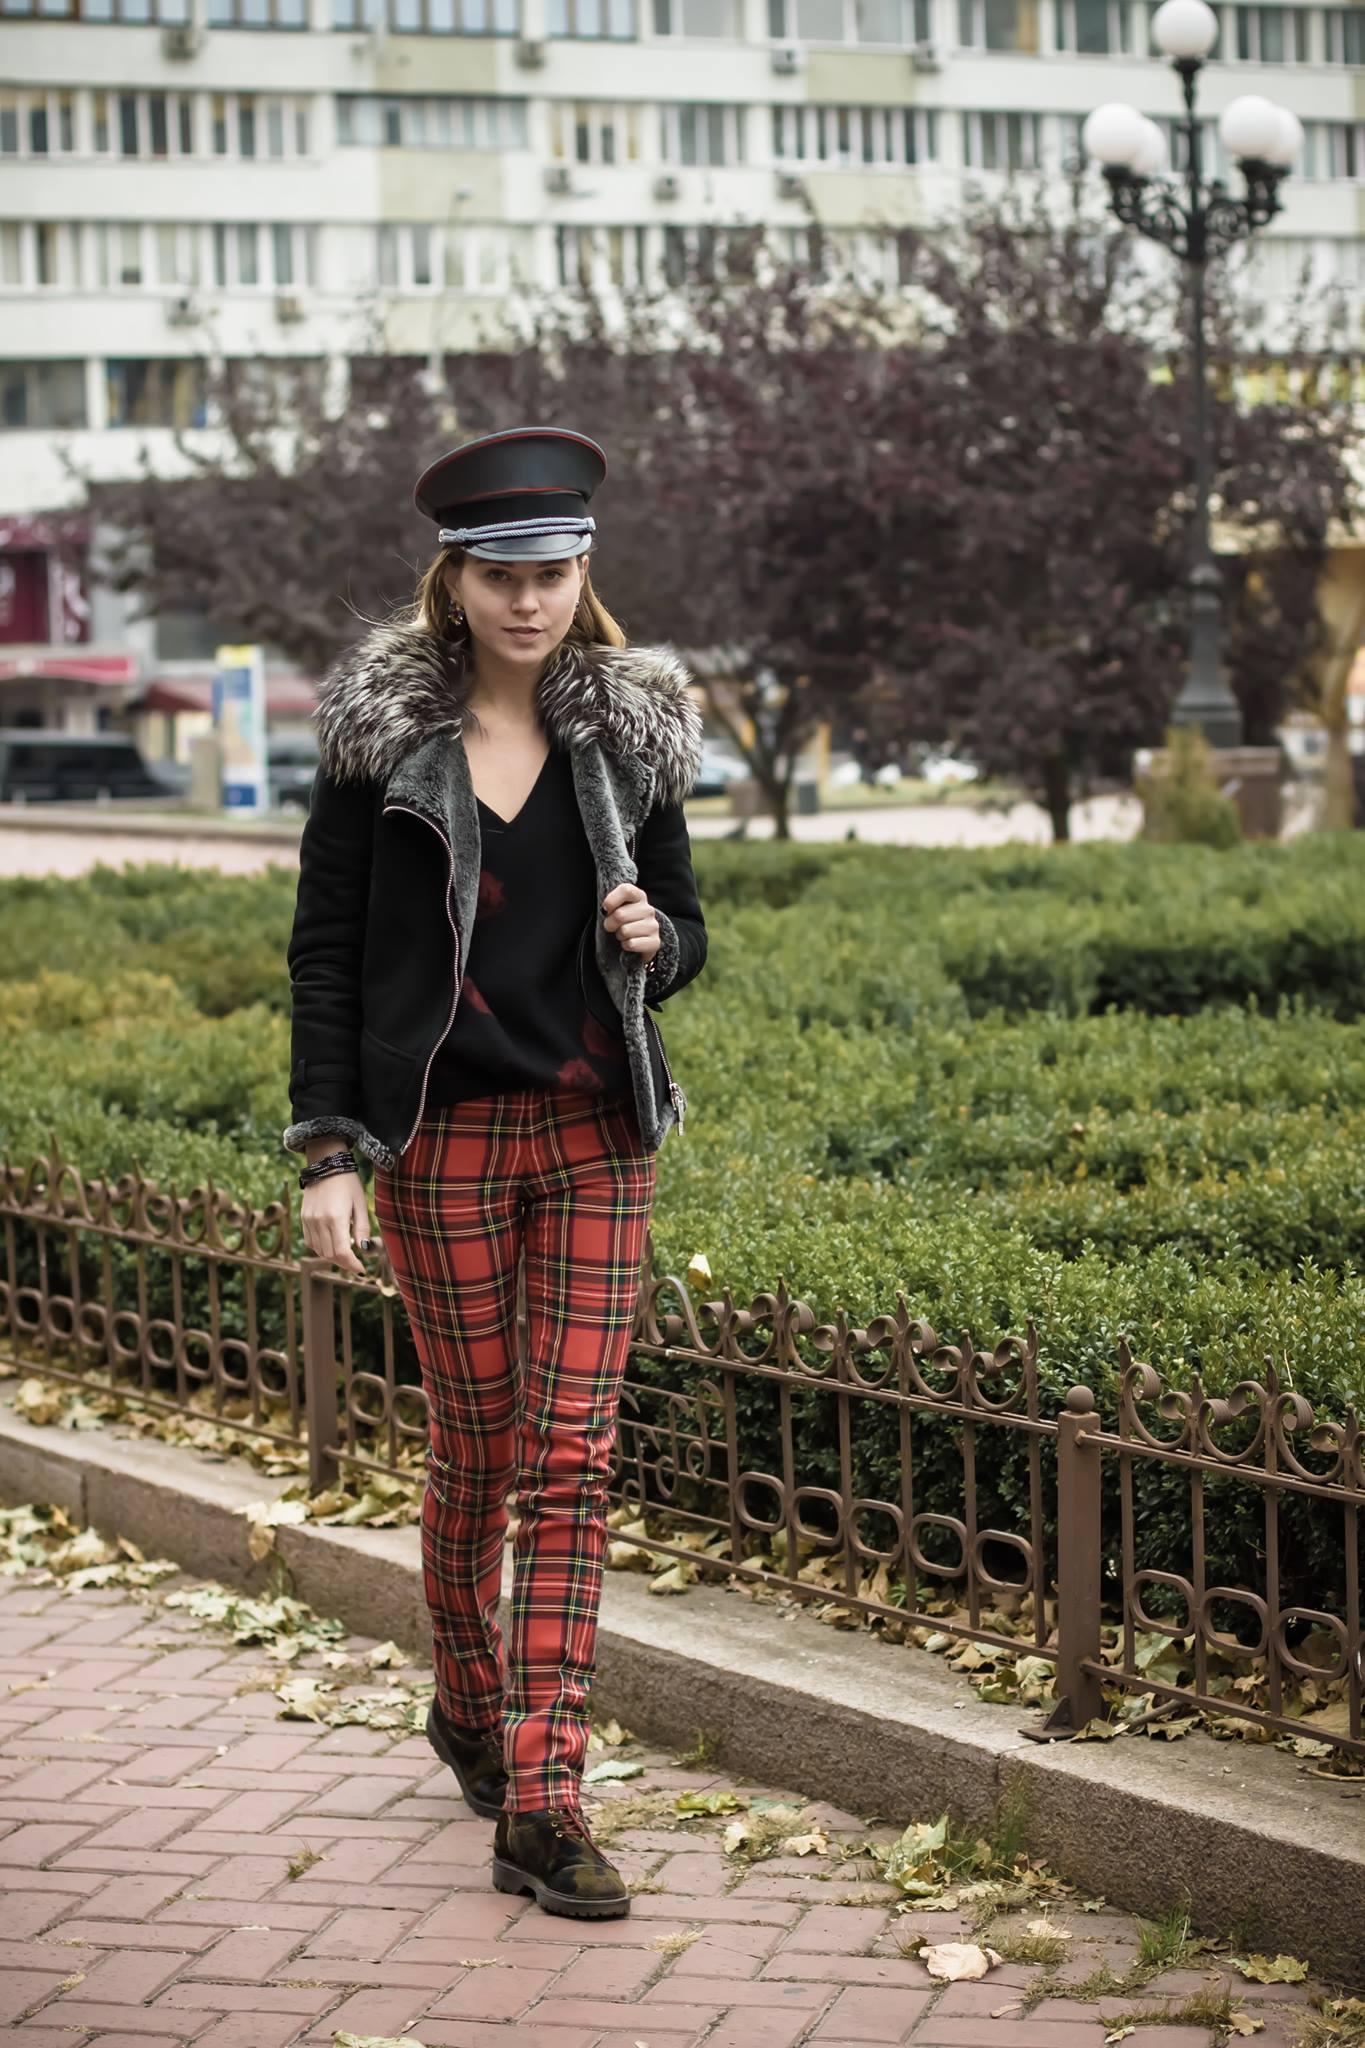 svetlna shashkova walking